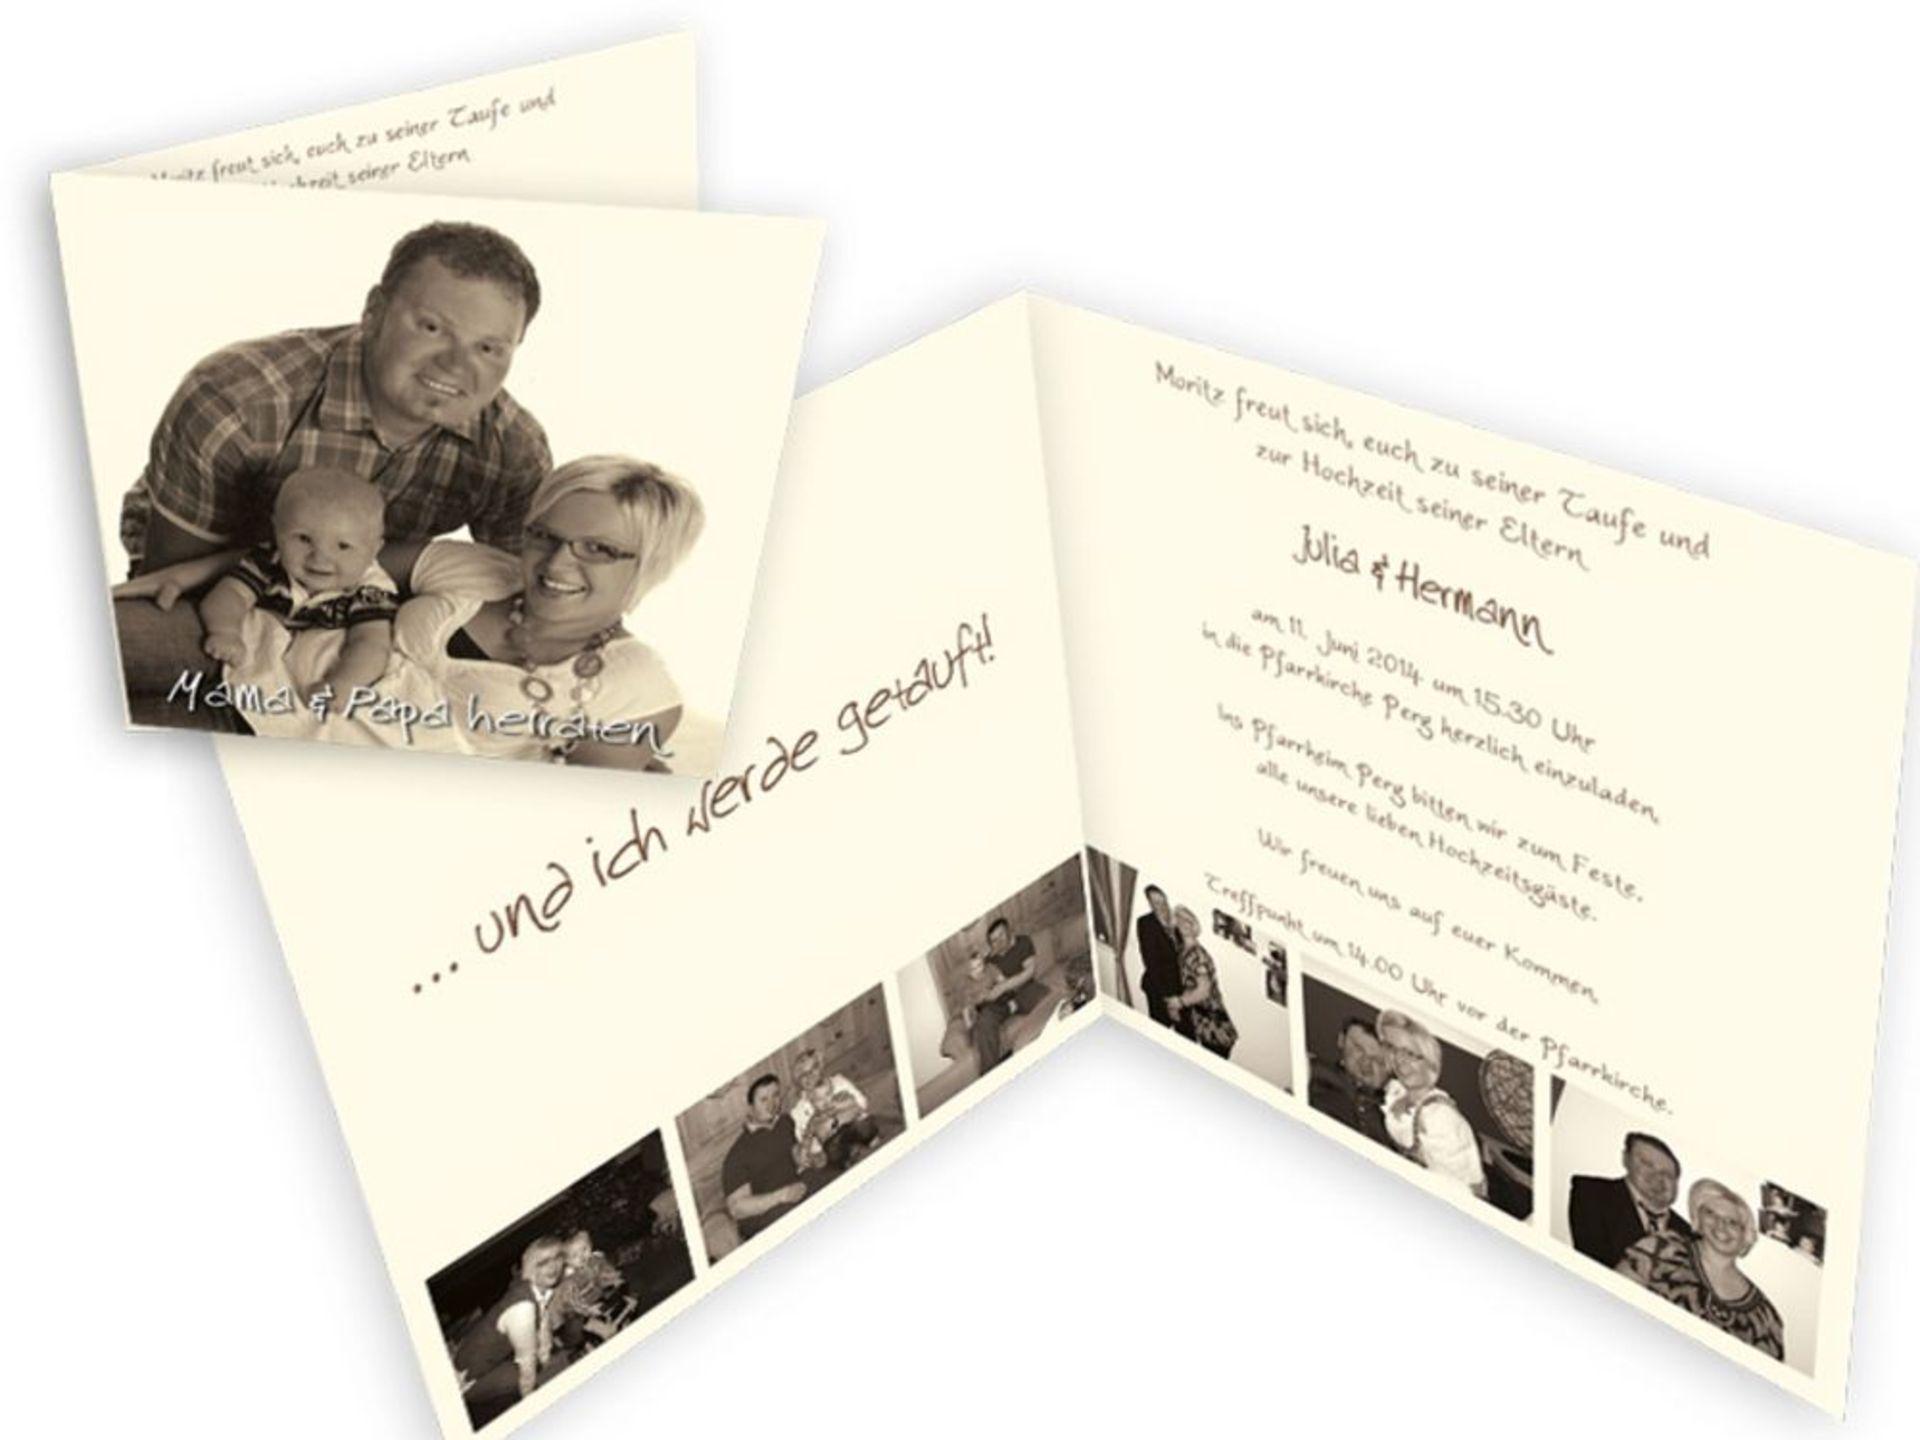 Spezielle Einladungskarten fr eine Hochzeit mit Taufe